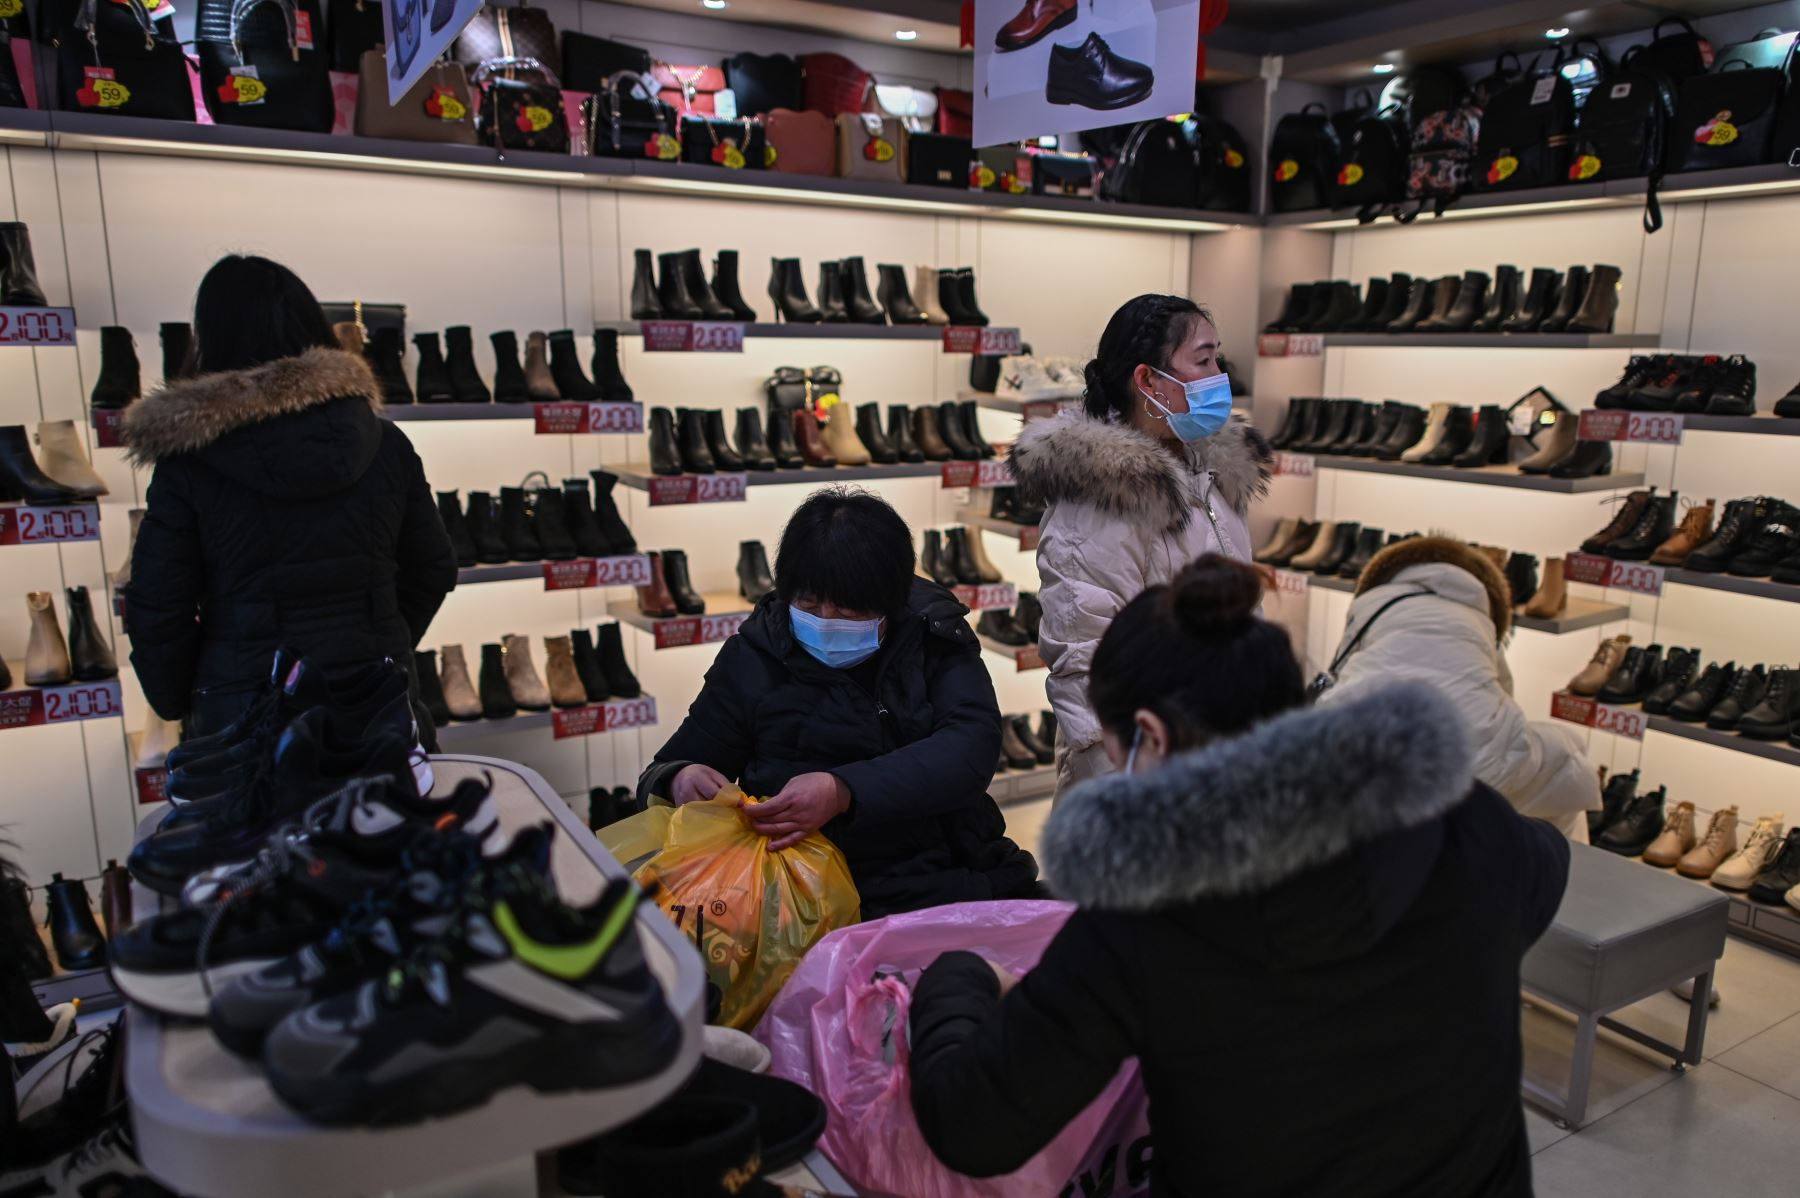 Personas que usan mascarillas como medida preventiva contra el coronavirus Covid-19 visitan una zapatería en Wuhan. Foto: AFP